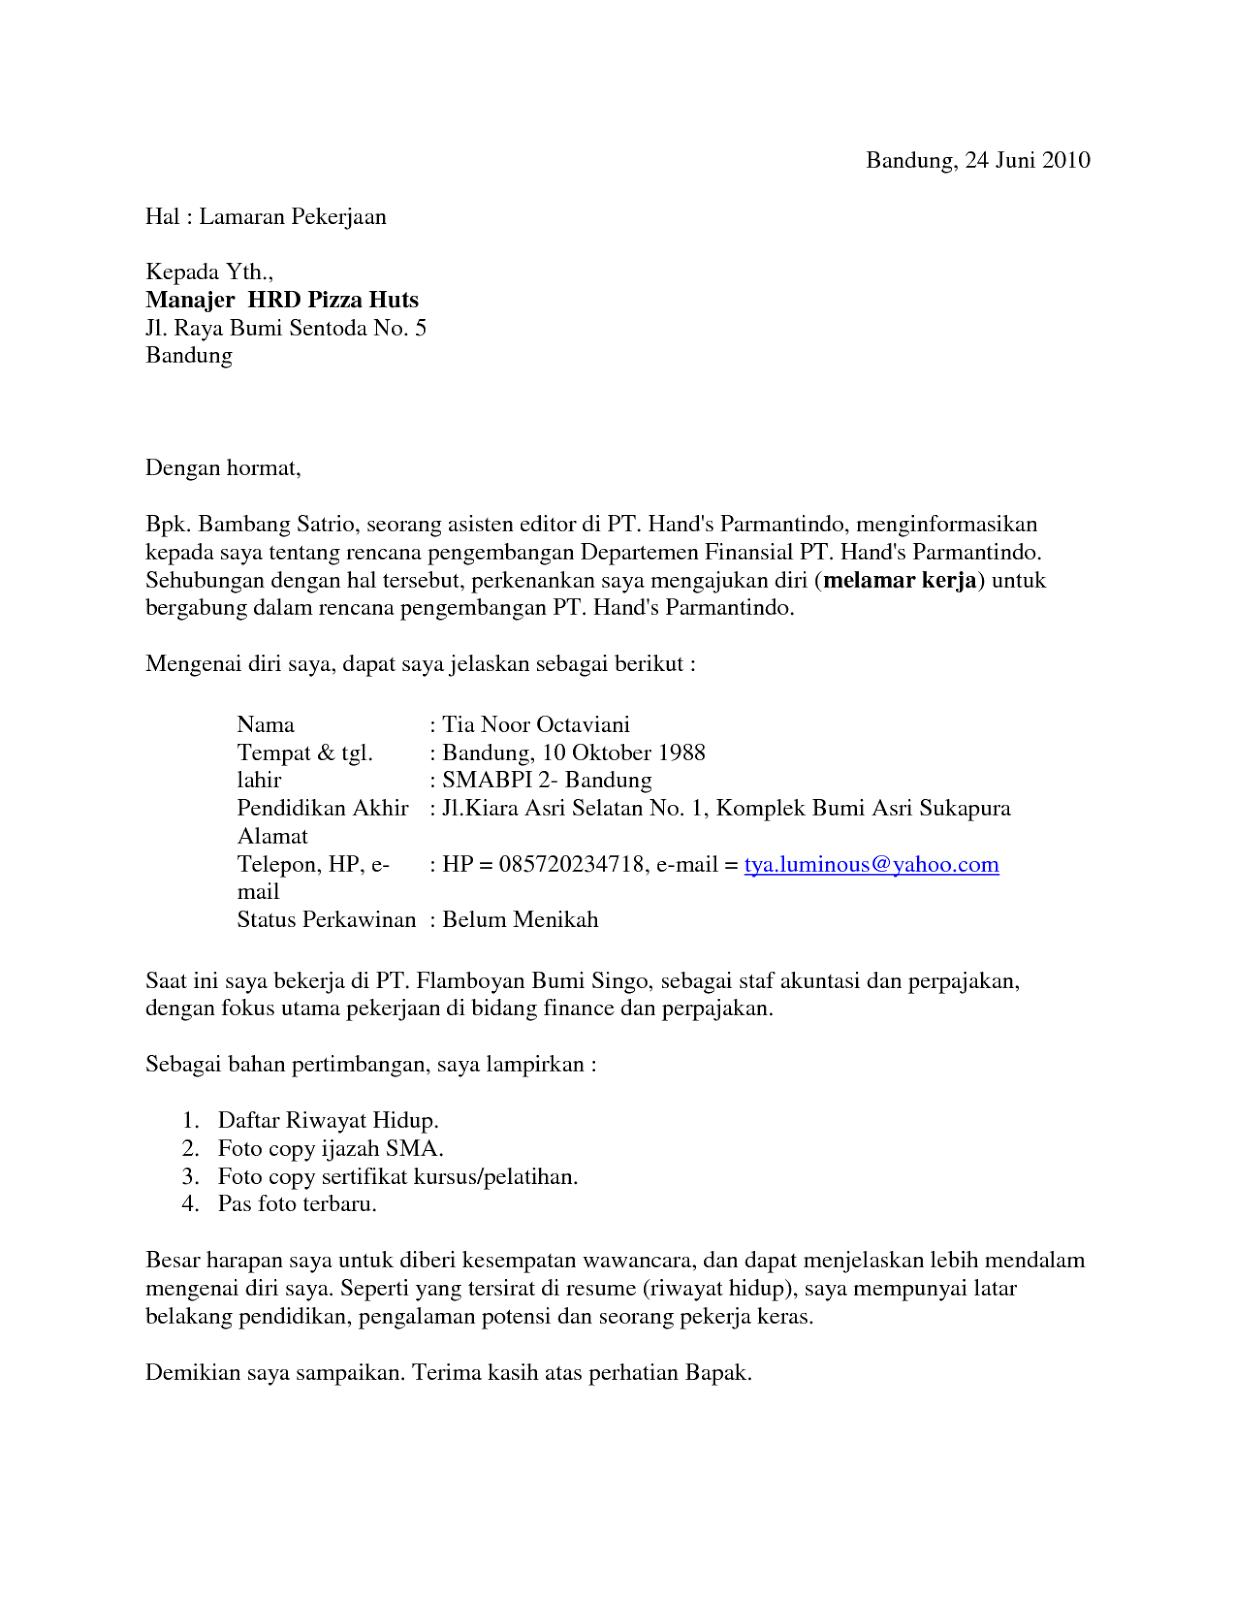 Download Surat Lamaran Kerja Dan Cv Word Www Tiaminritesisiled Tk